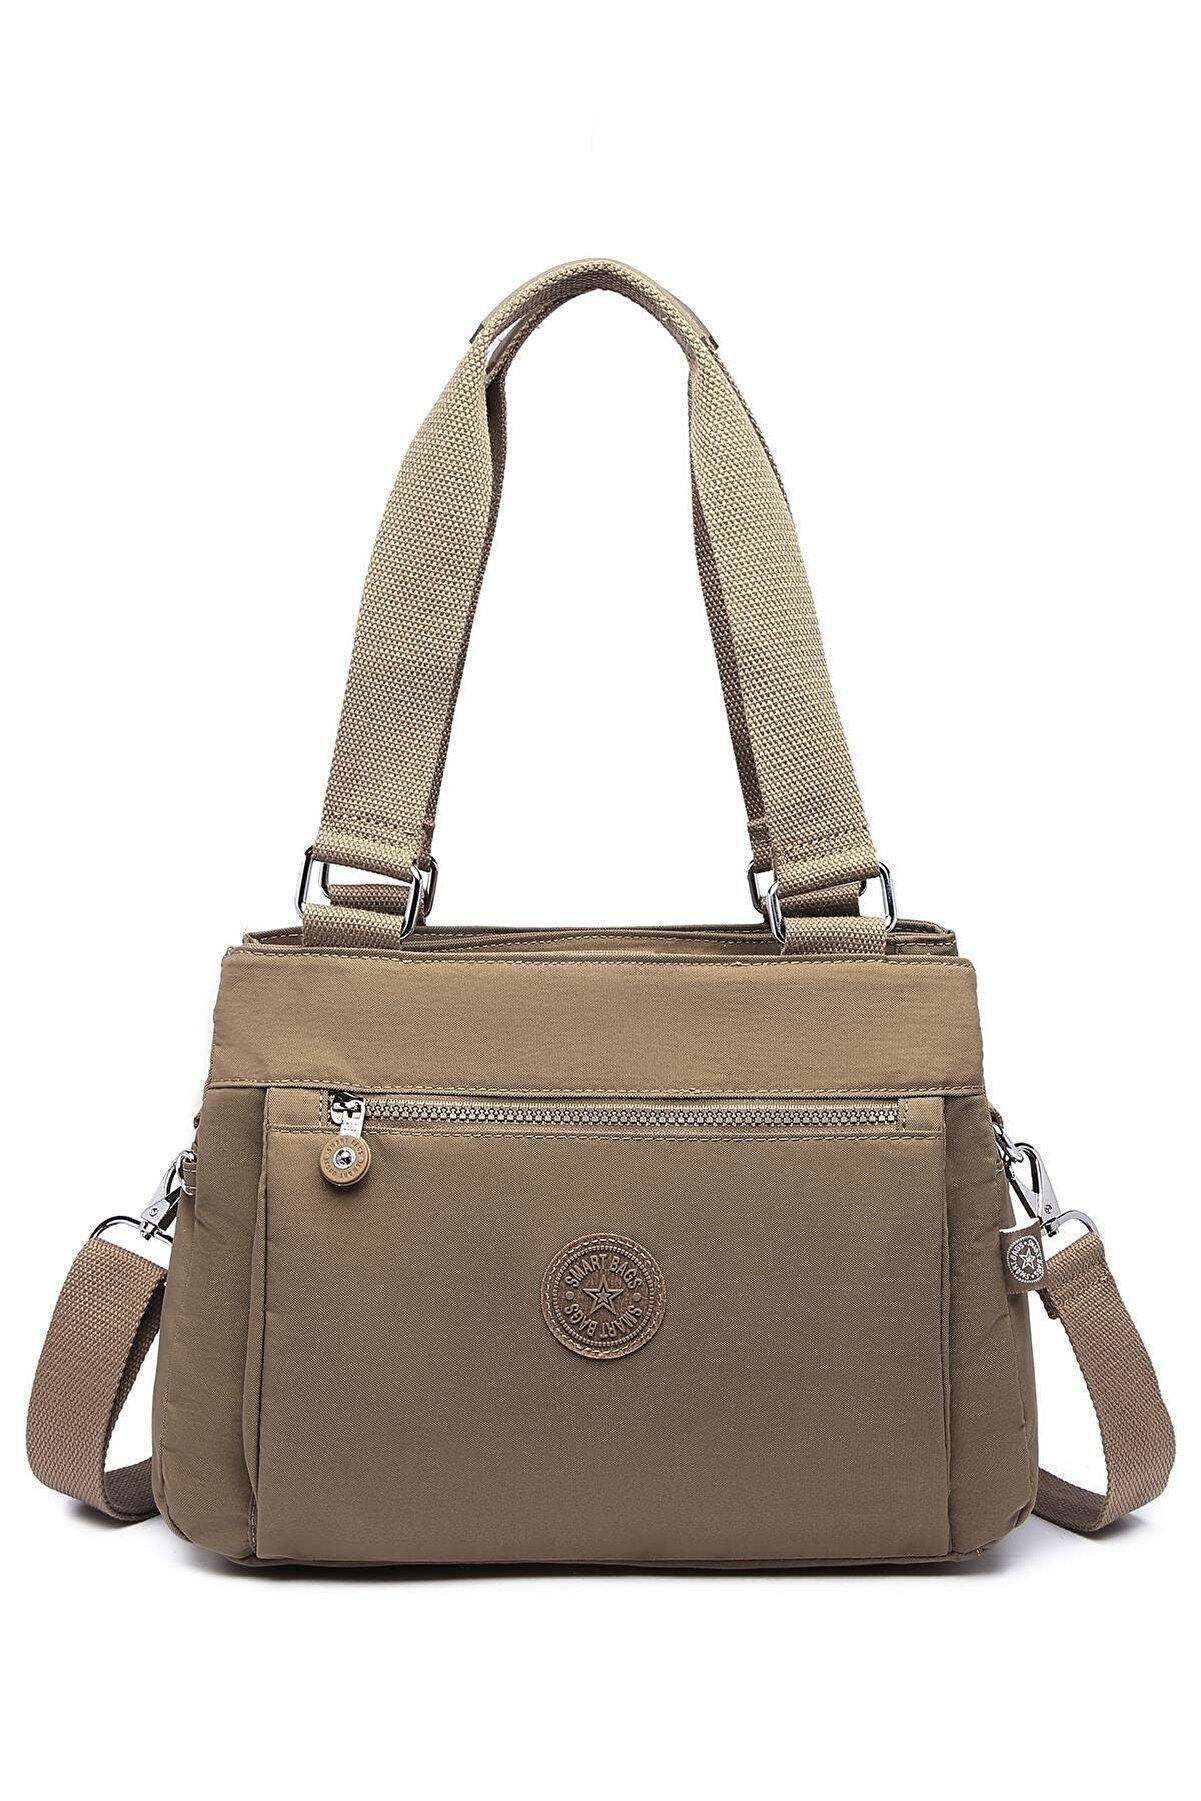 Smart Bags Smbyb1125-0007 Açık Kahverengi Kadın Omuz Çantası